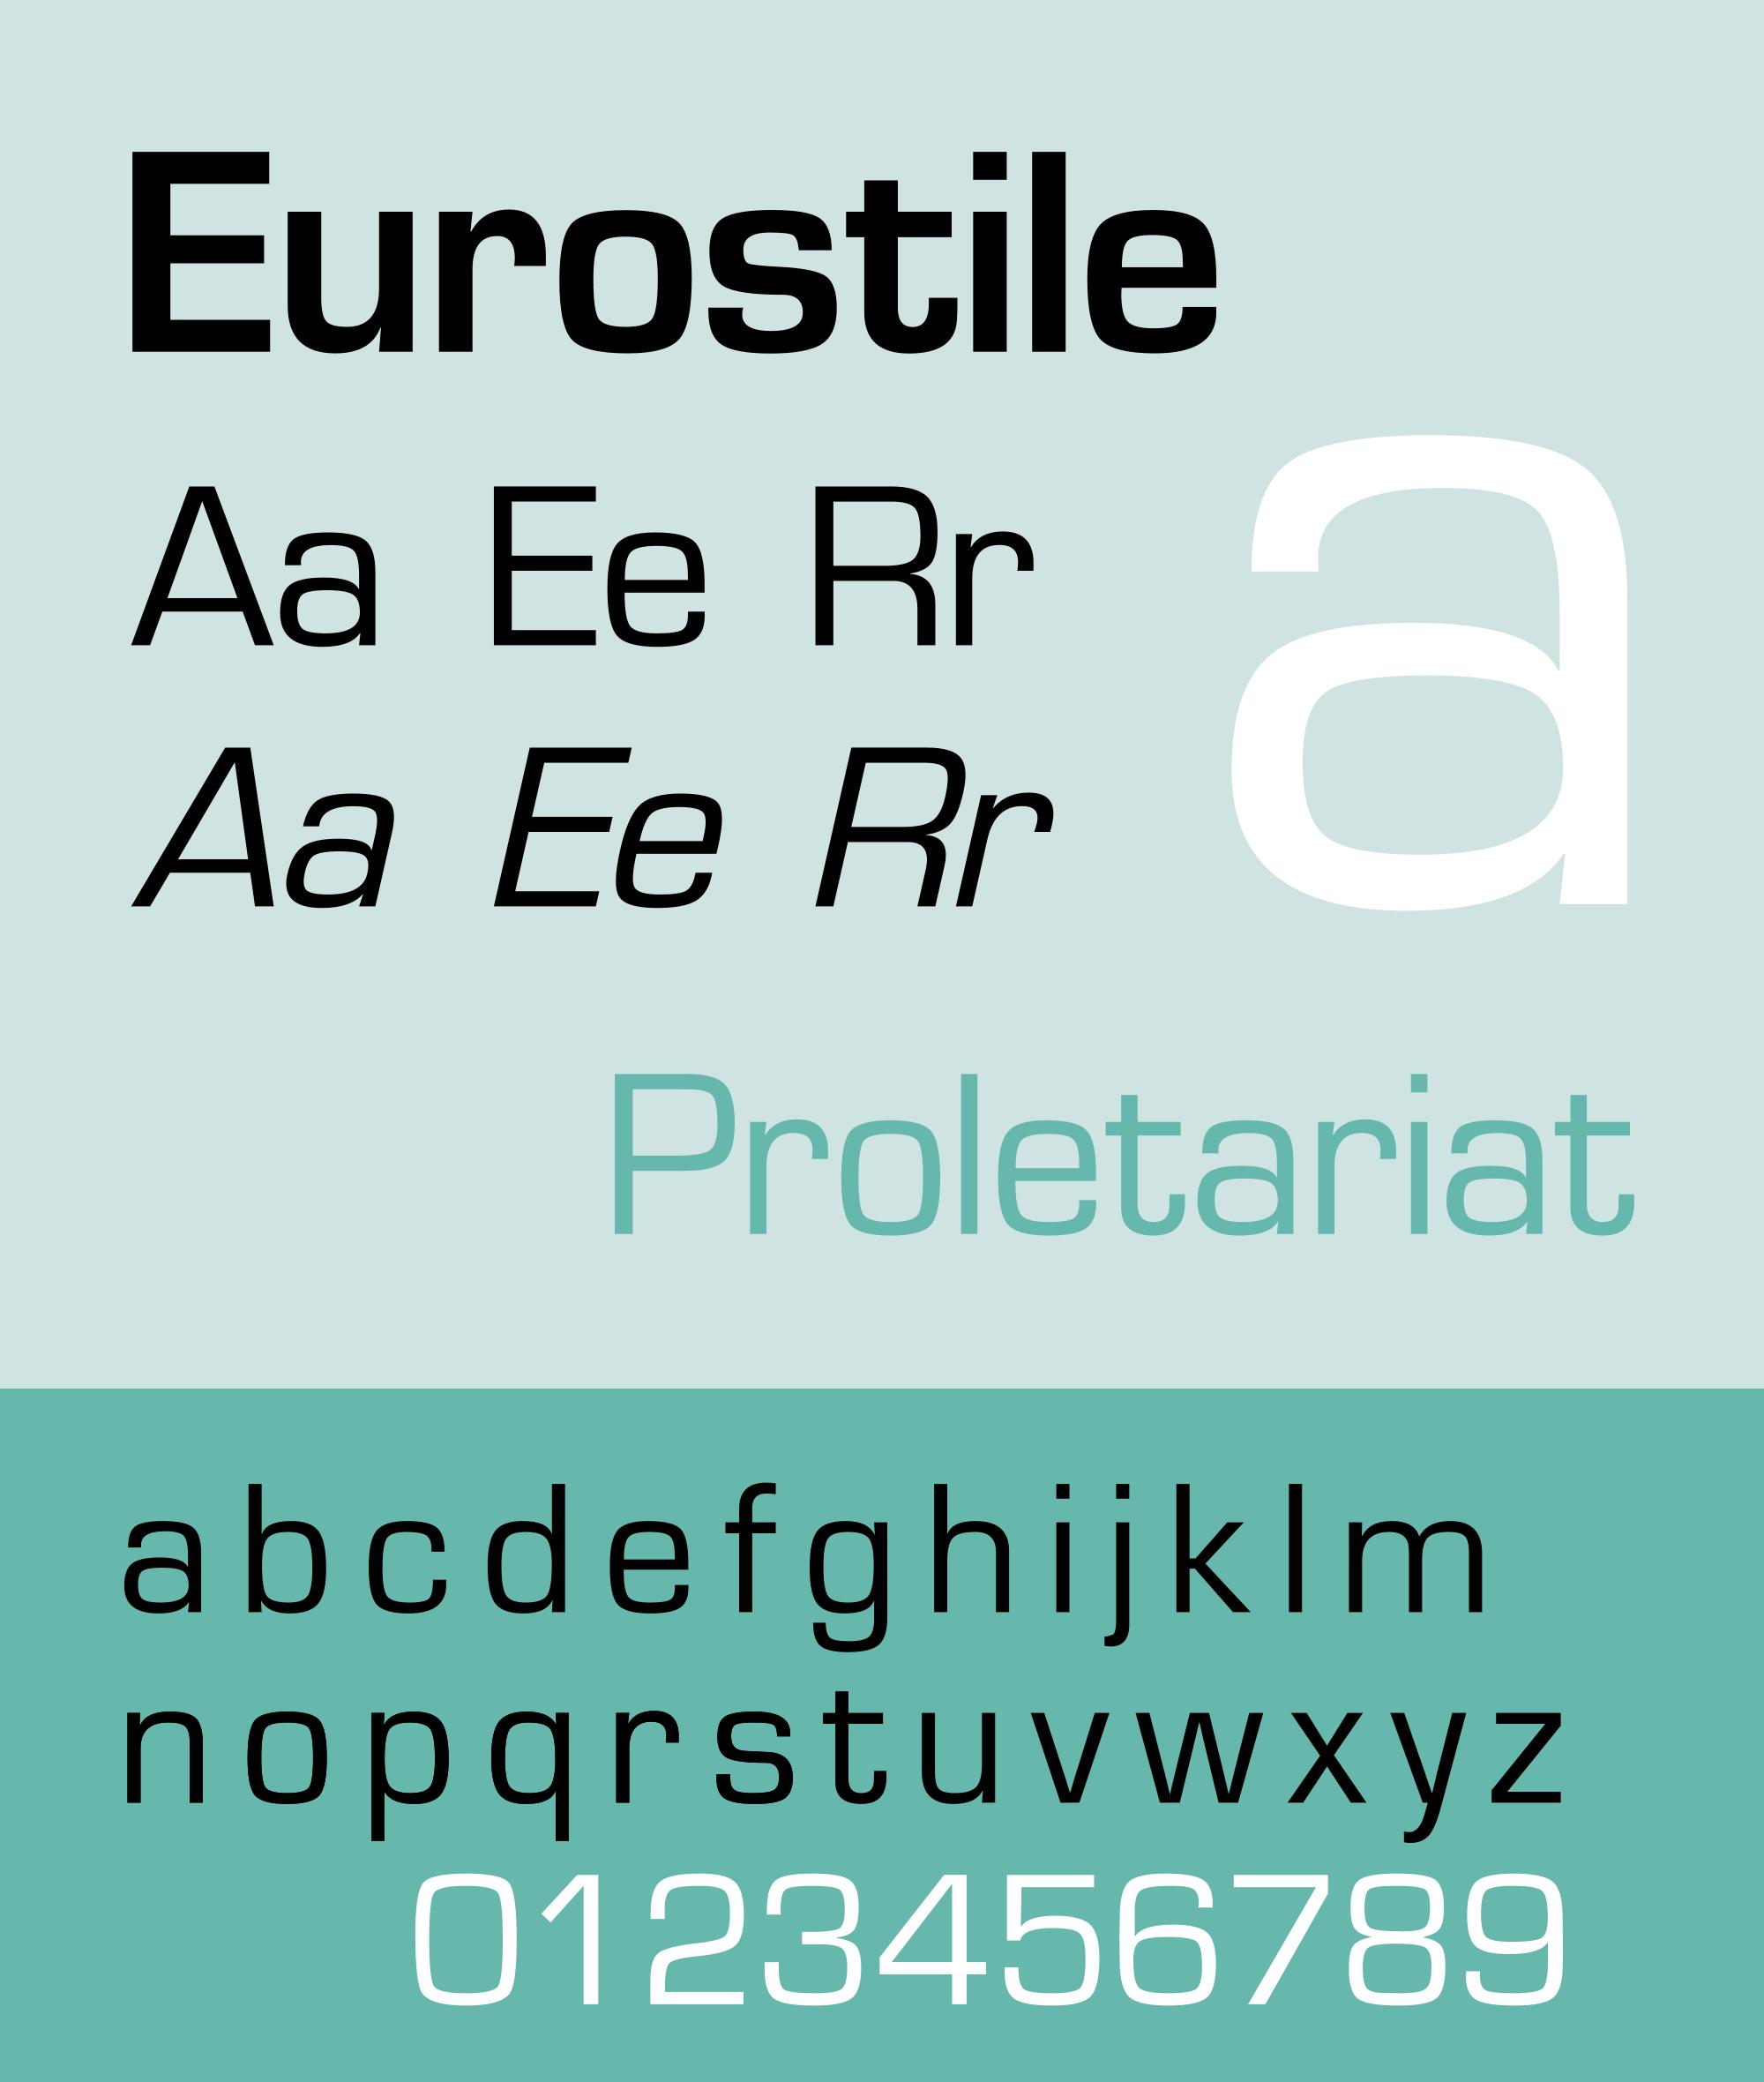 Caratteri tipografici pipù utilizzati in pubblicità: Eurostile